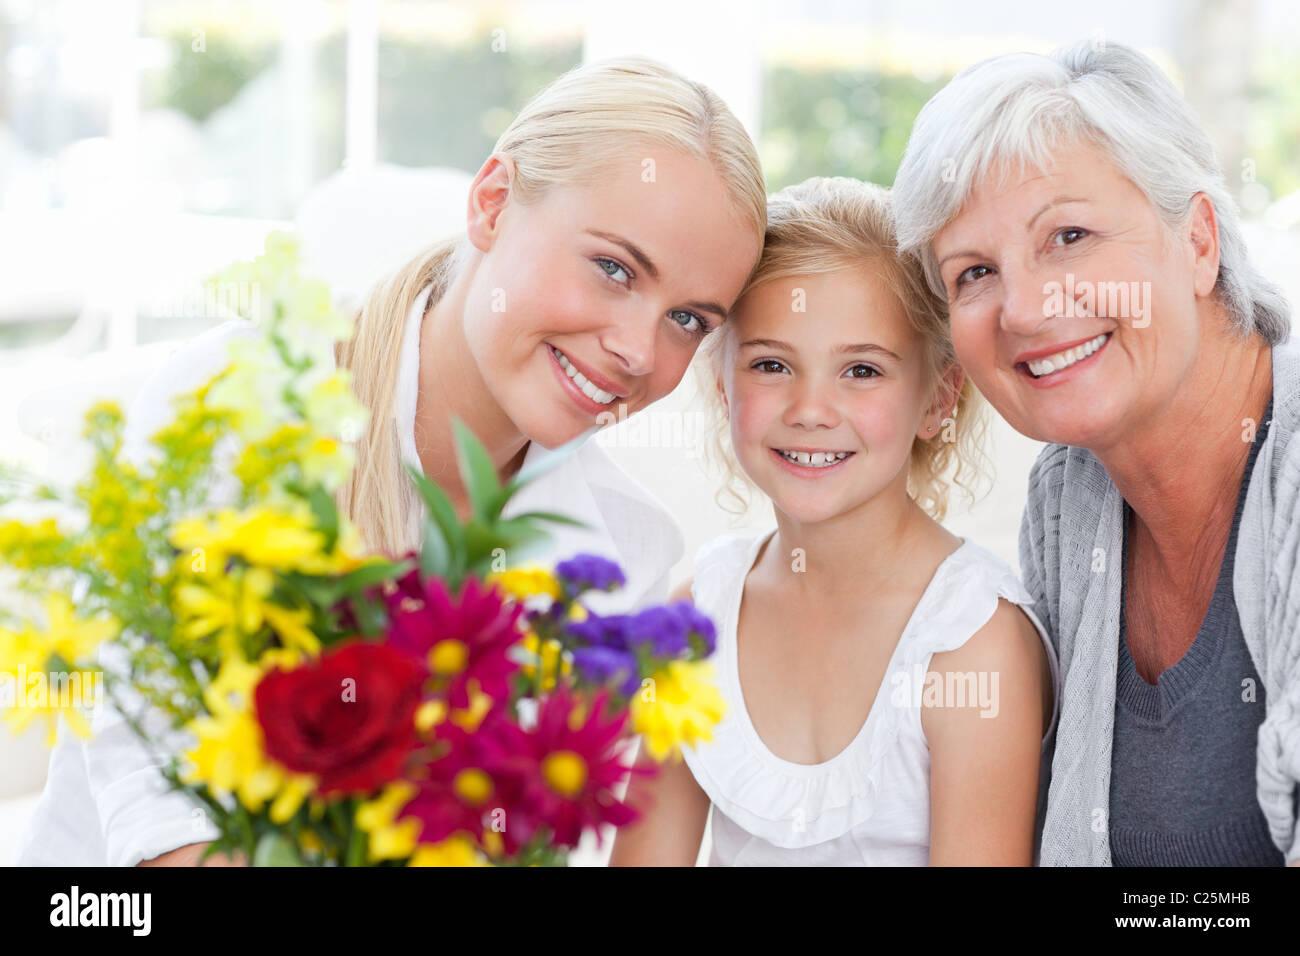 Famiglia radiante con fiori Immagini Stock